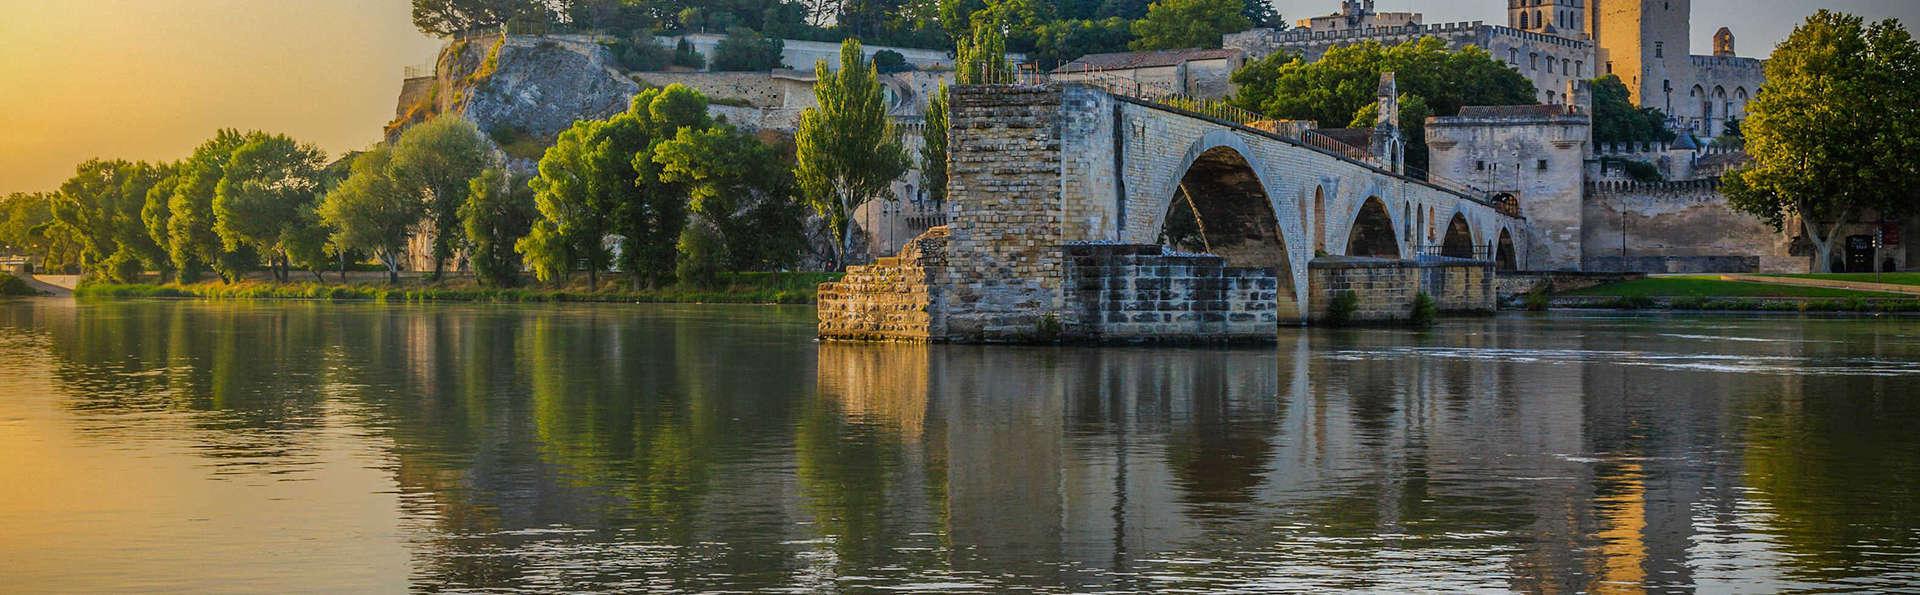 L'Annexe du Château - Edit_Destination2.jpg